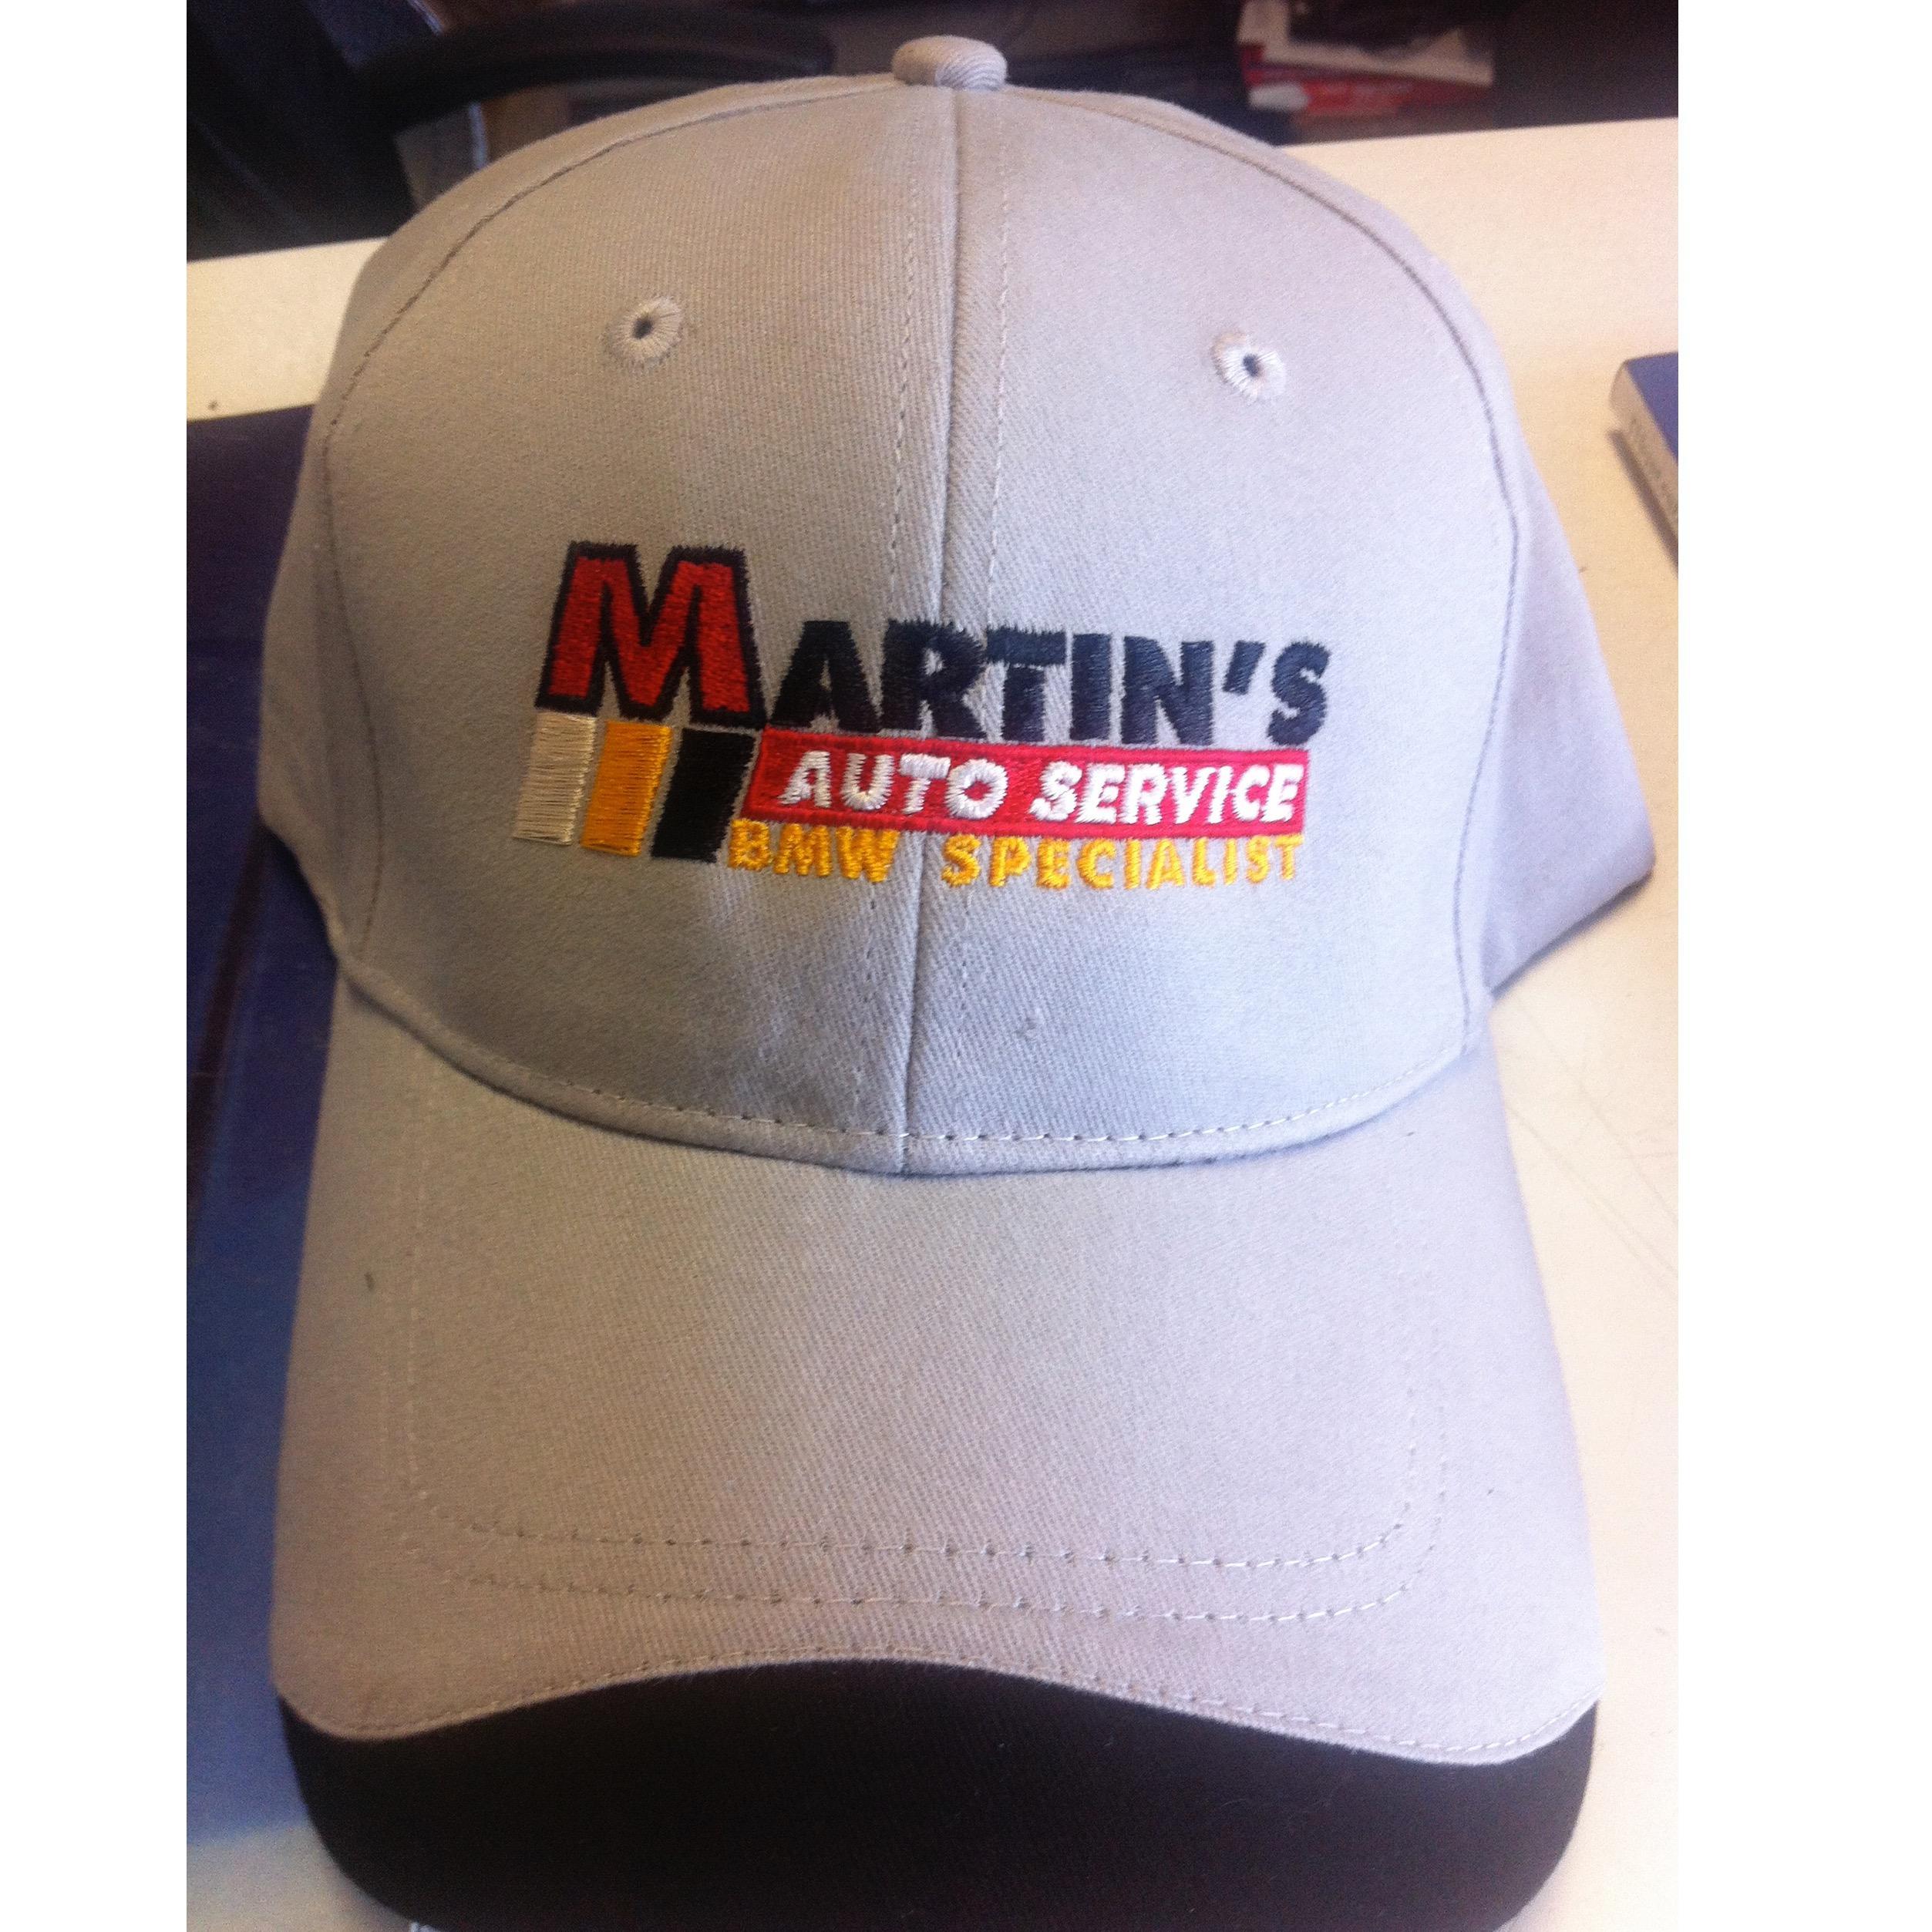 Martin's Auto Service